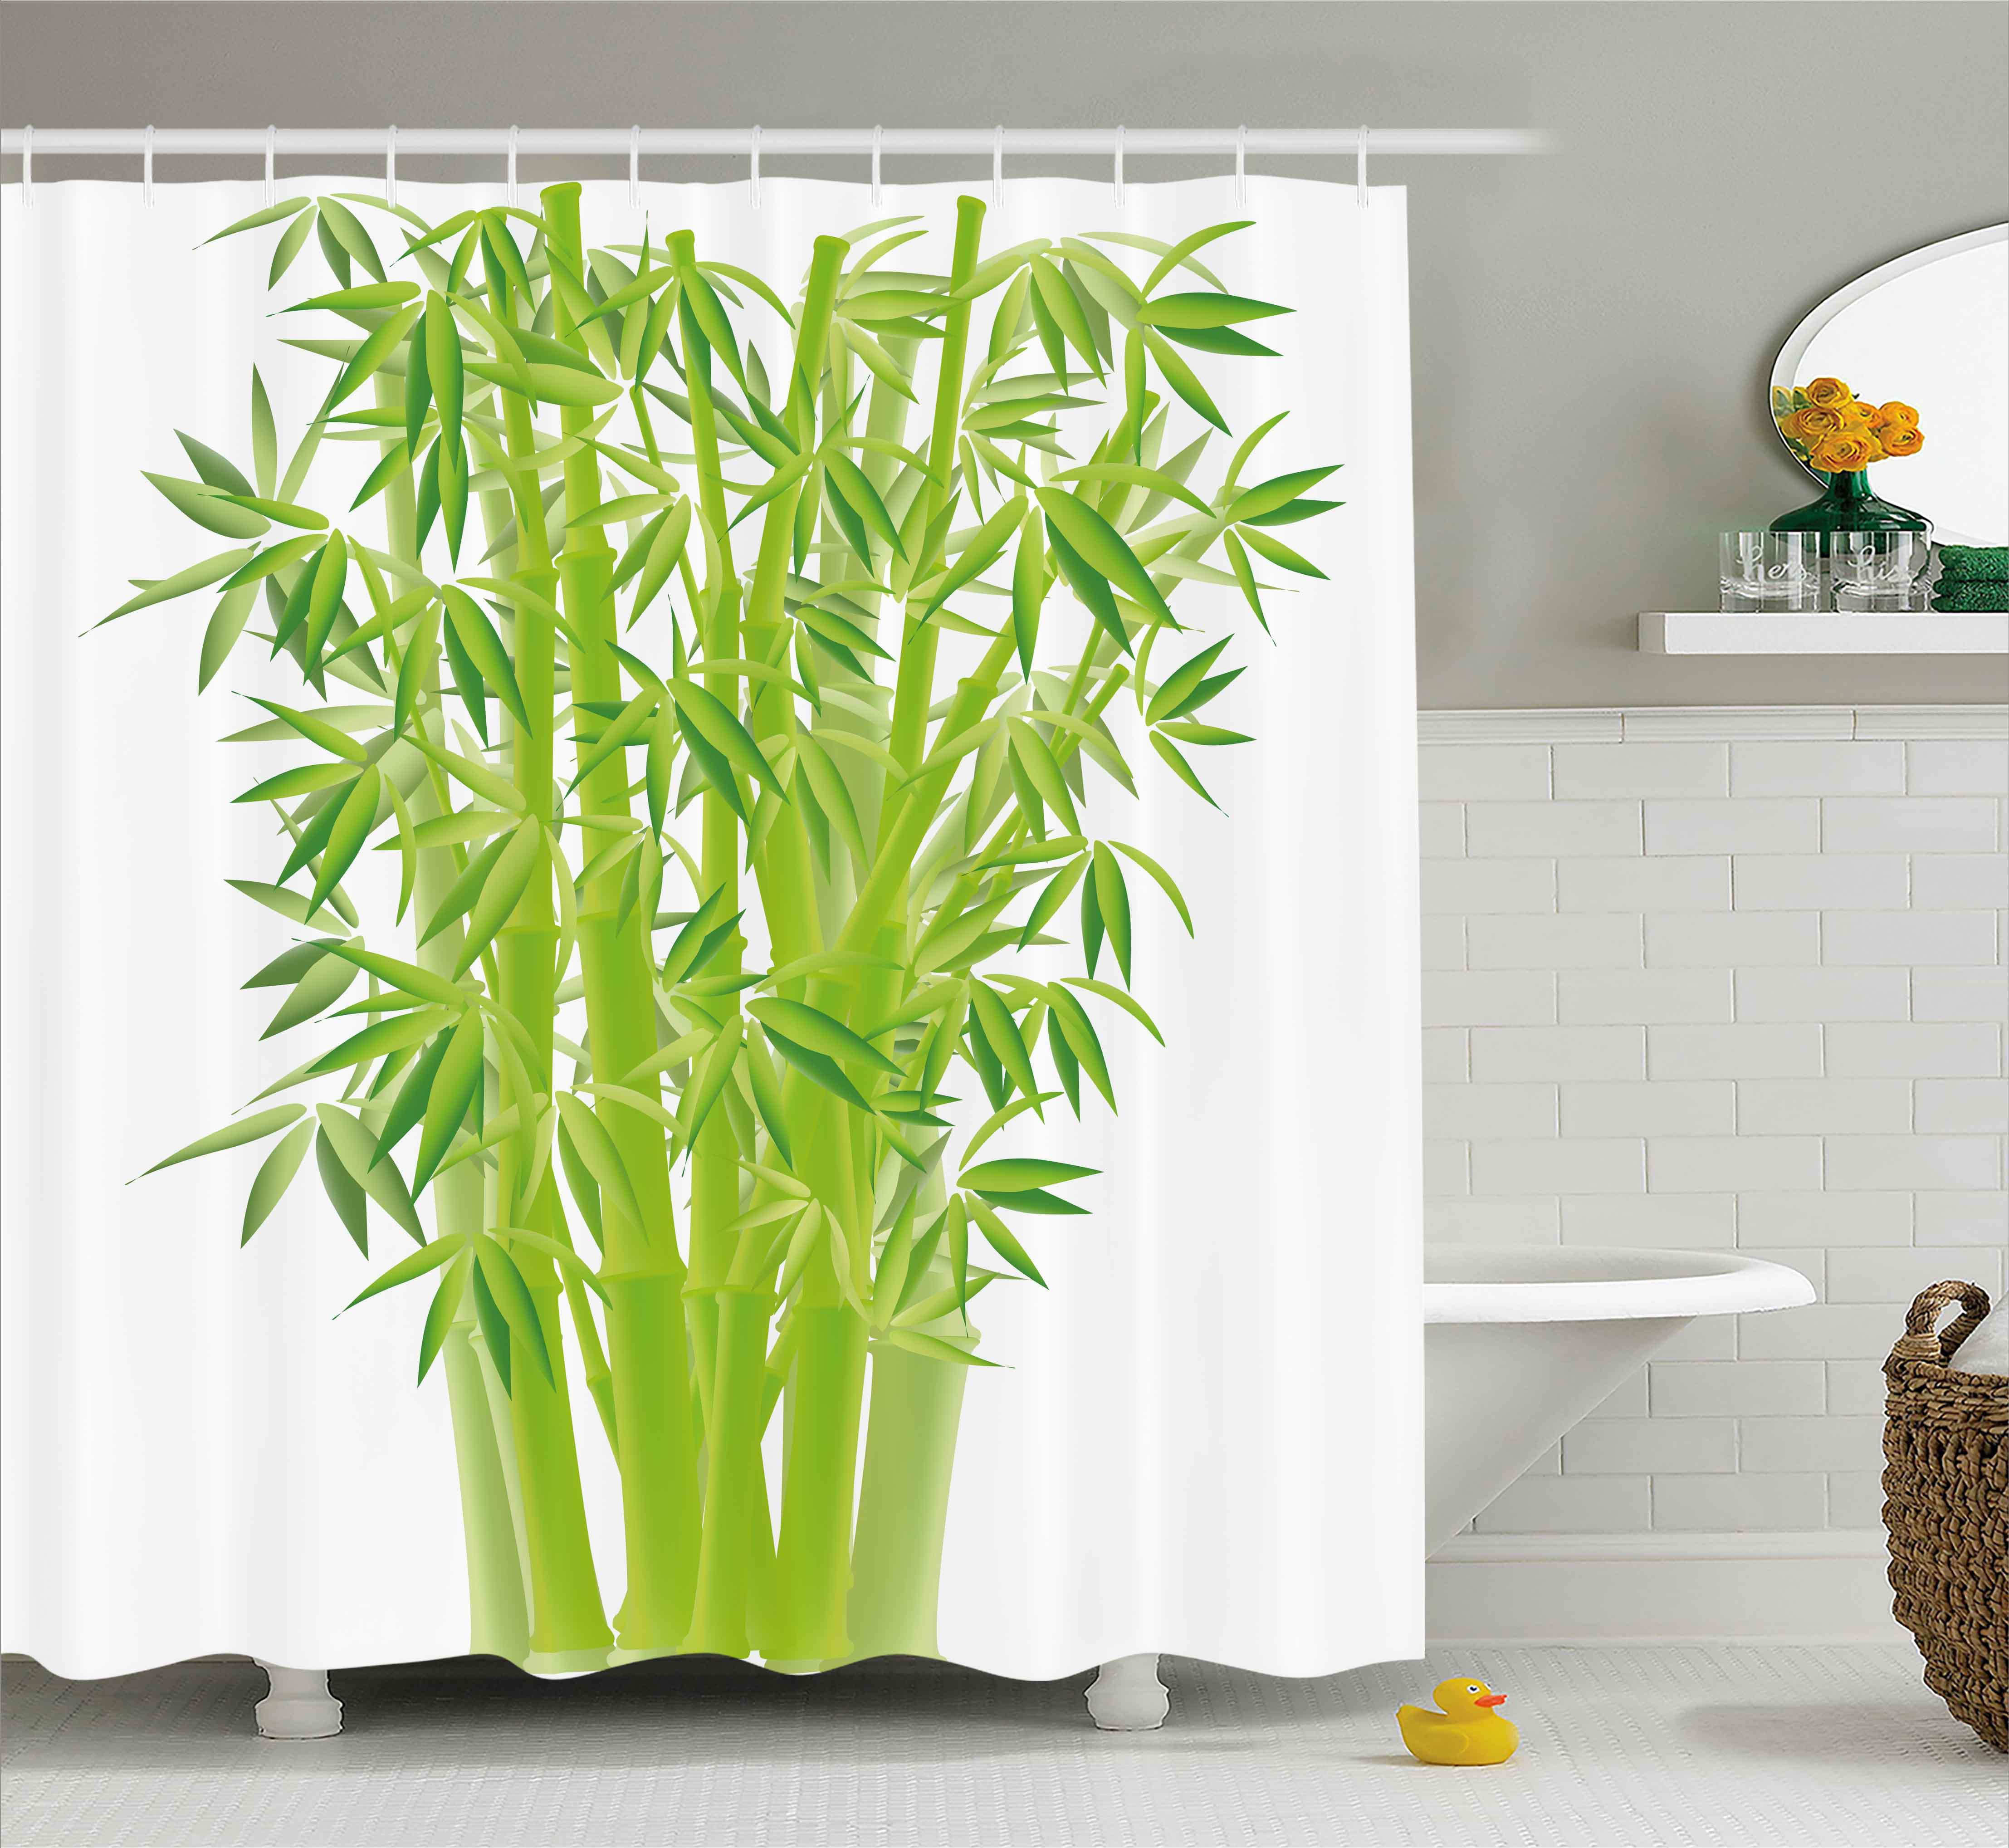 Garden Curtains Bathroom Set Mat Waterproof Green Bamboo